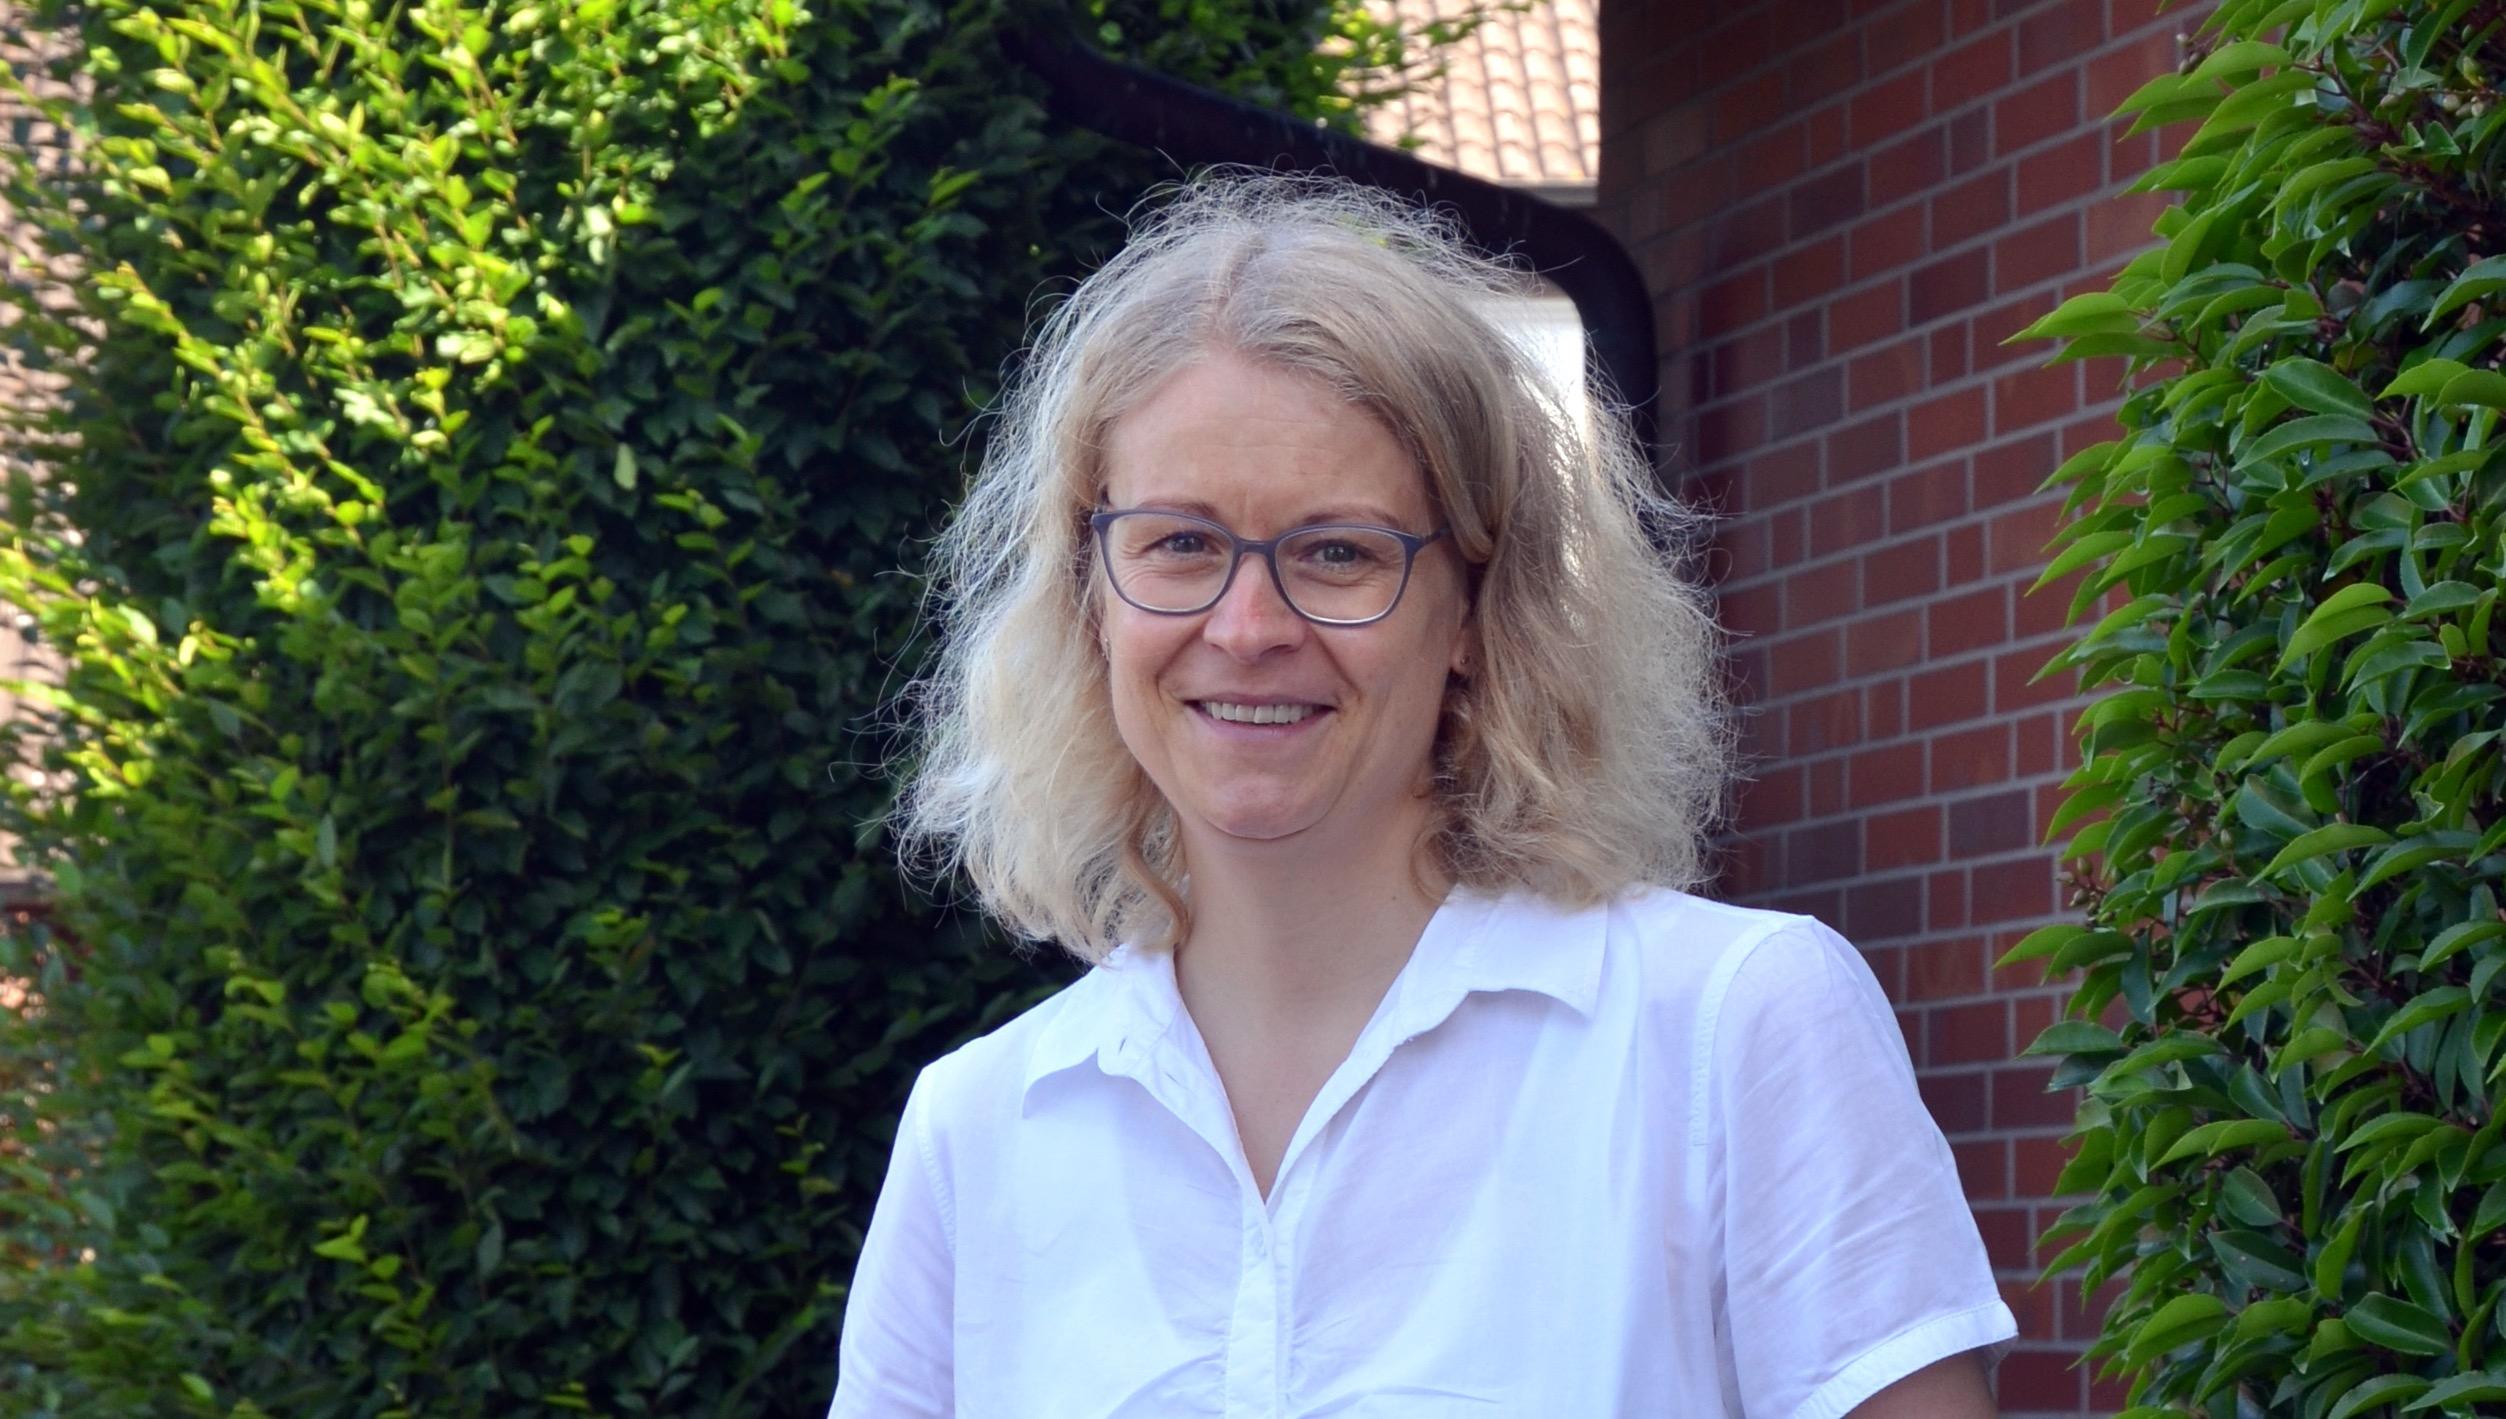 Silvia Bussmann